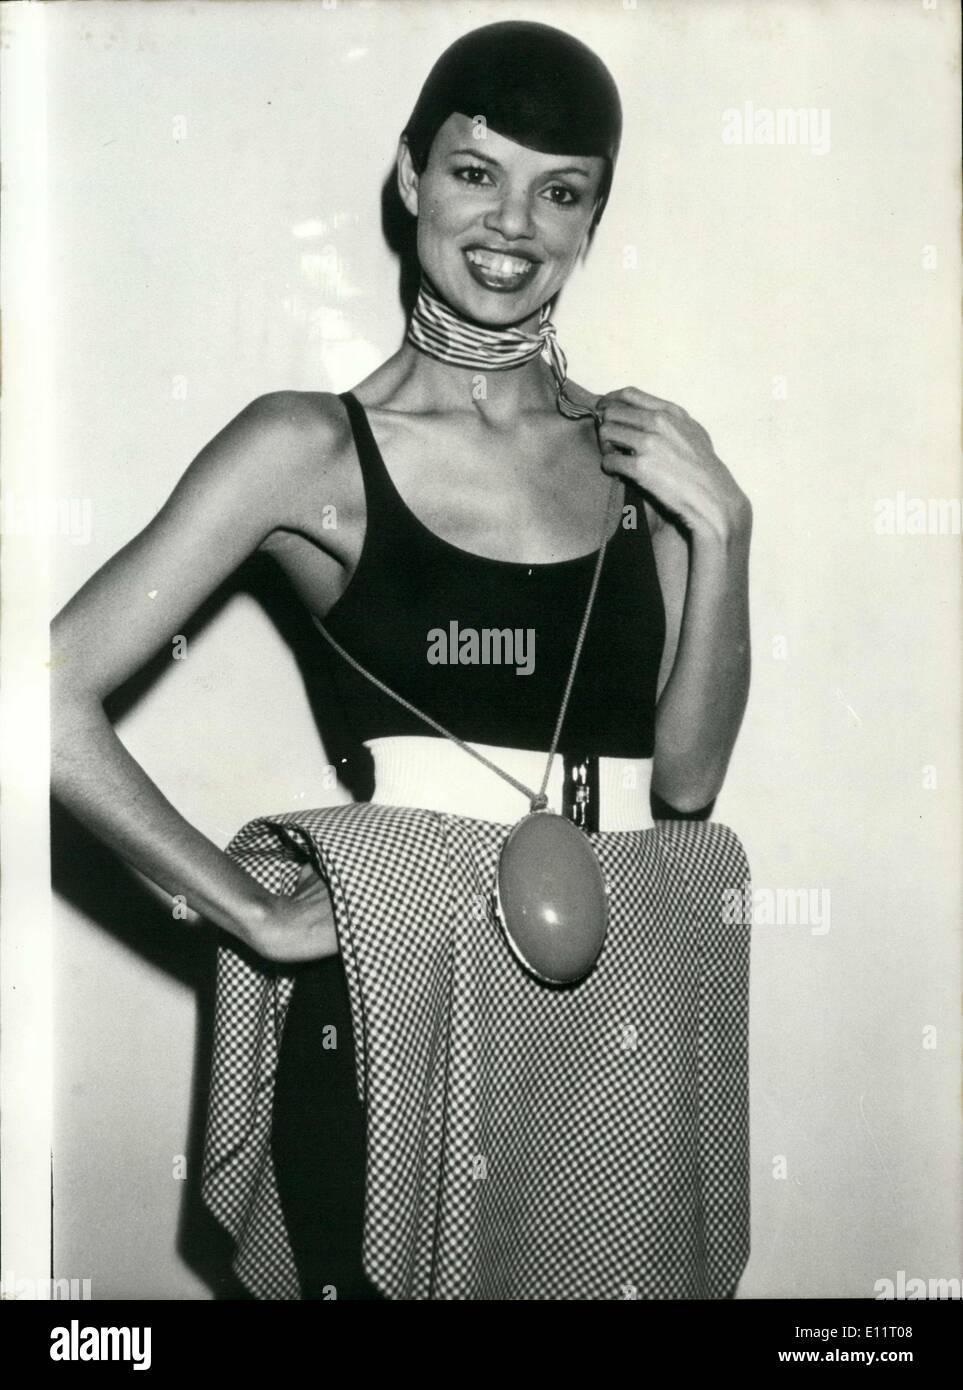 Enero 27, 1980 - La falda es en blanco y negro hounds dientes y tejido está emparejado con un cuerpo vestido negro y un cinturón blanco y un Imagen De Stock